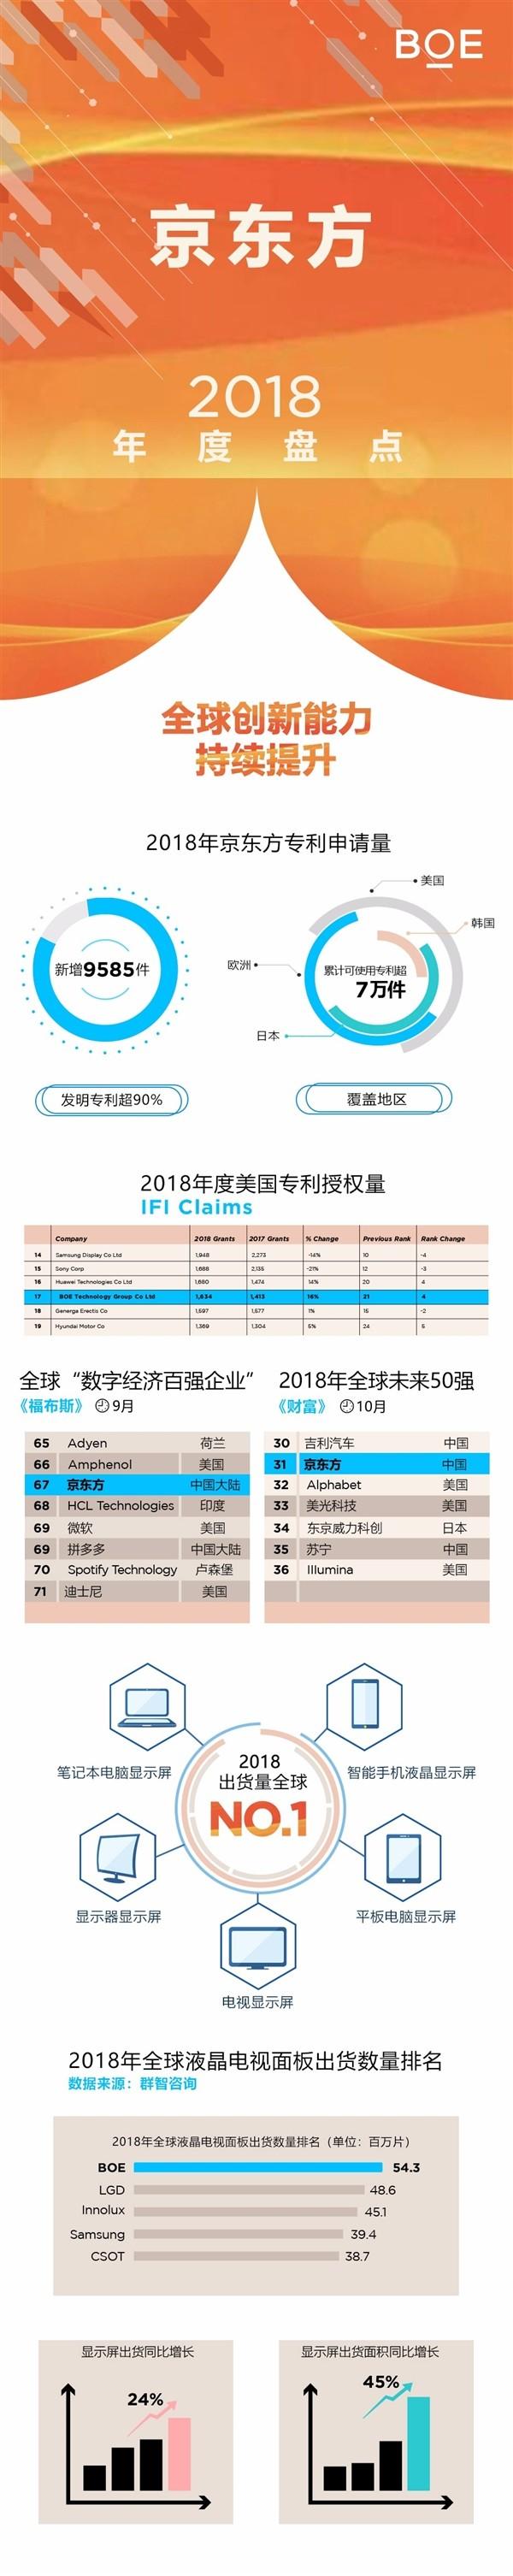 京东方2018年回顾:发明专利占比超90%,出货量全球第一